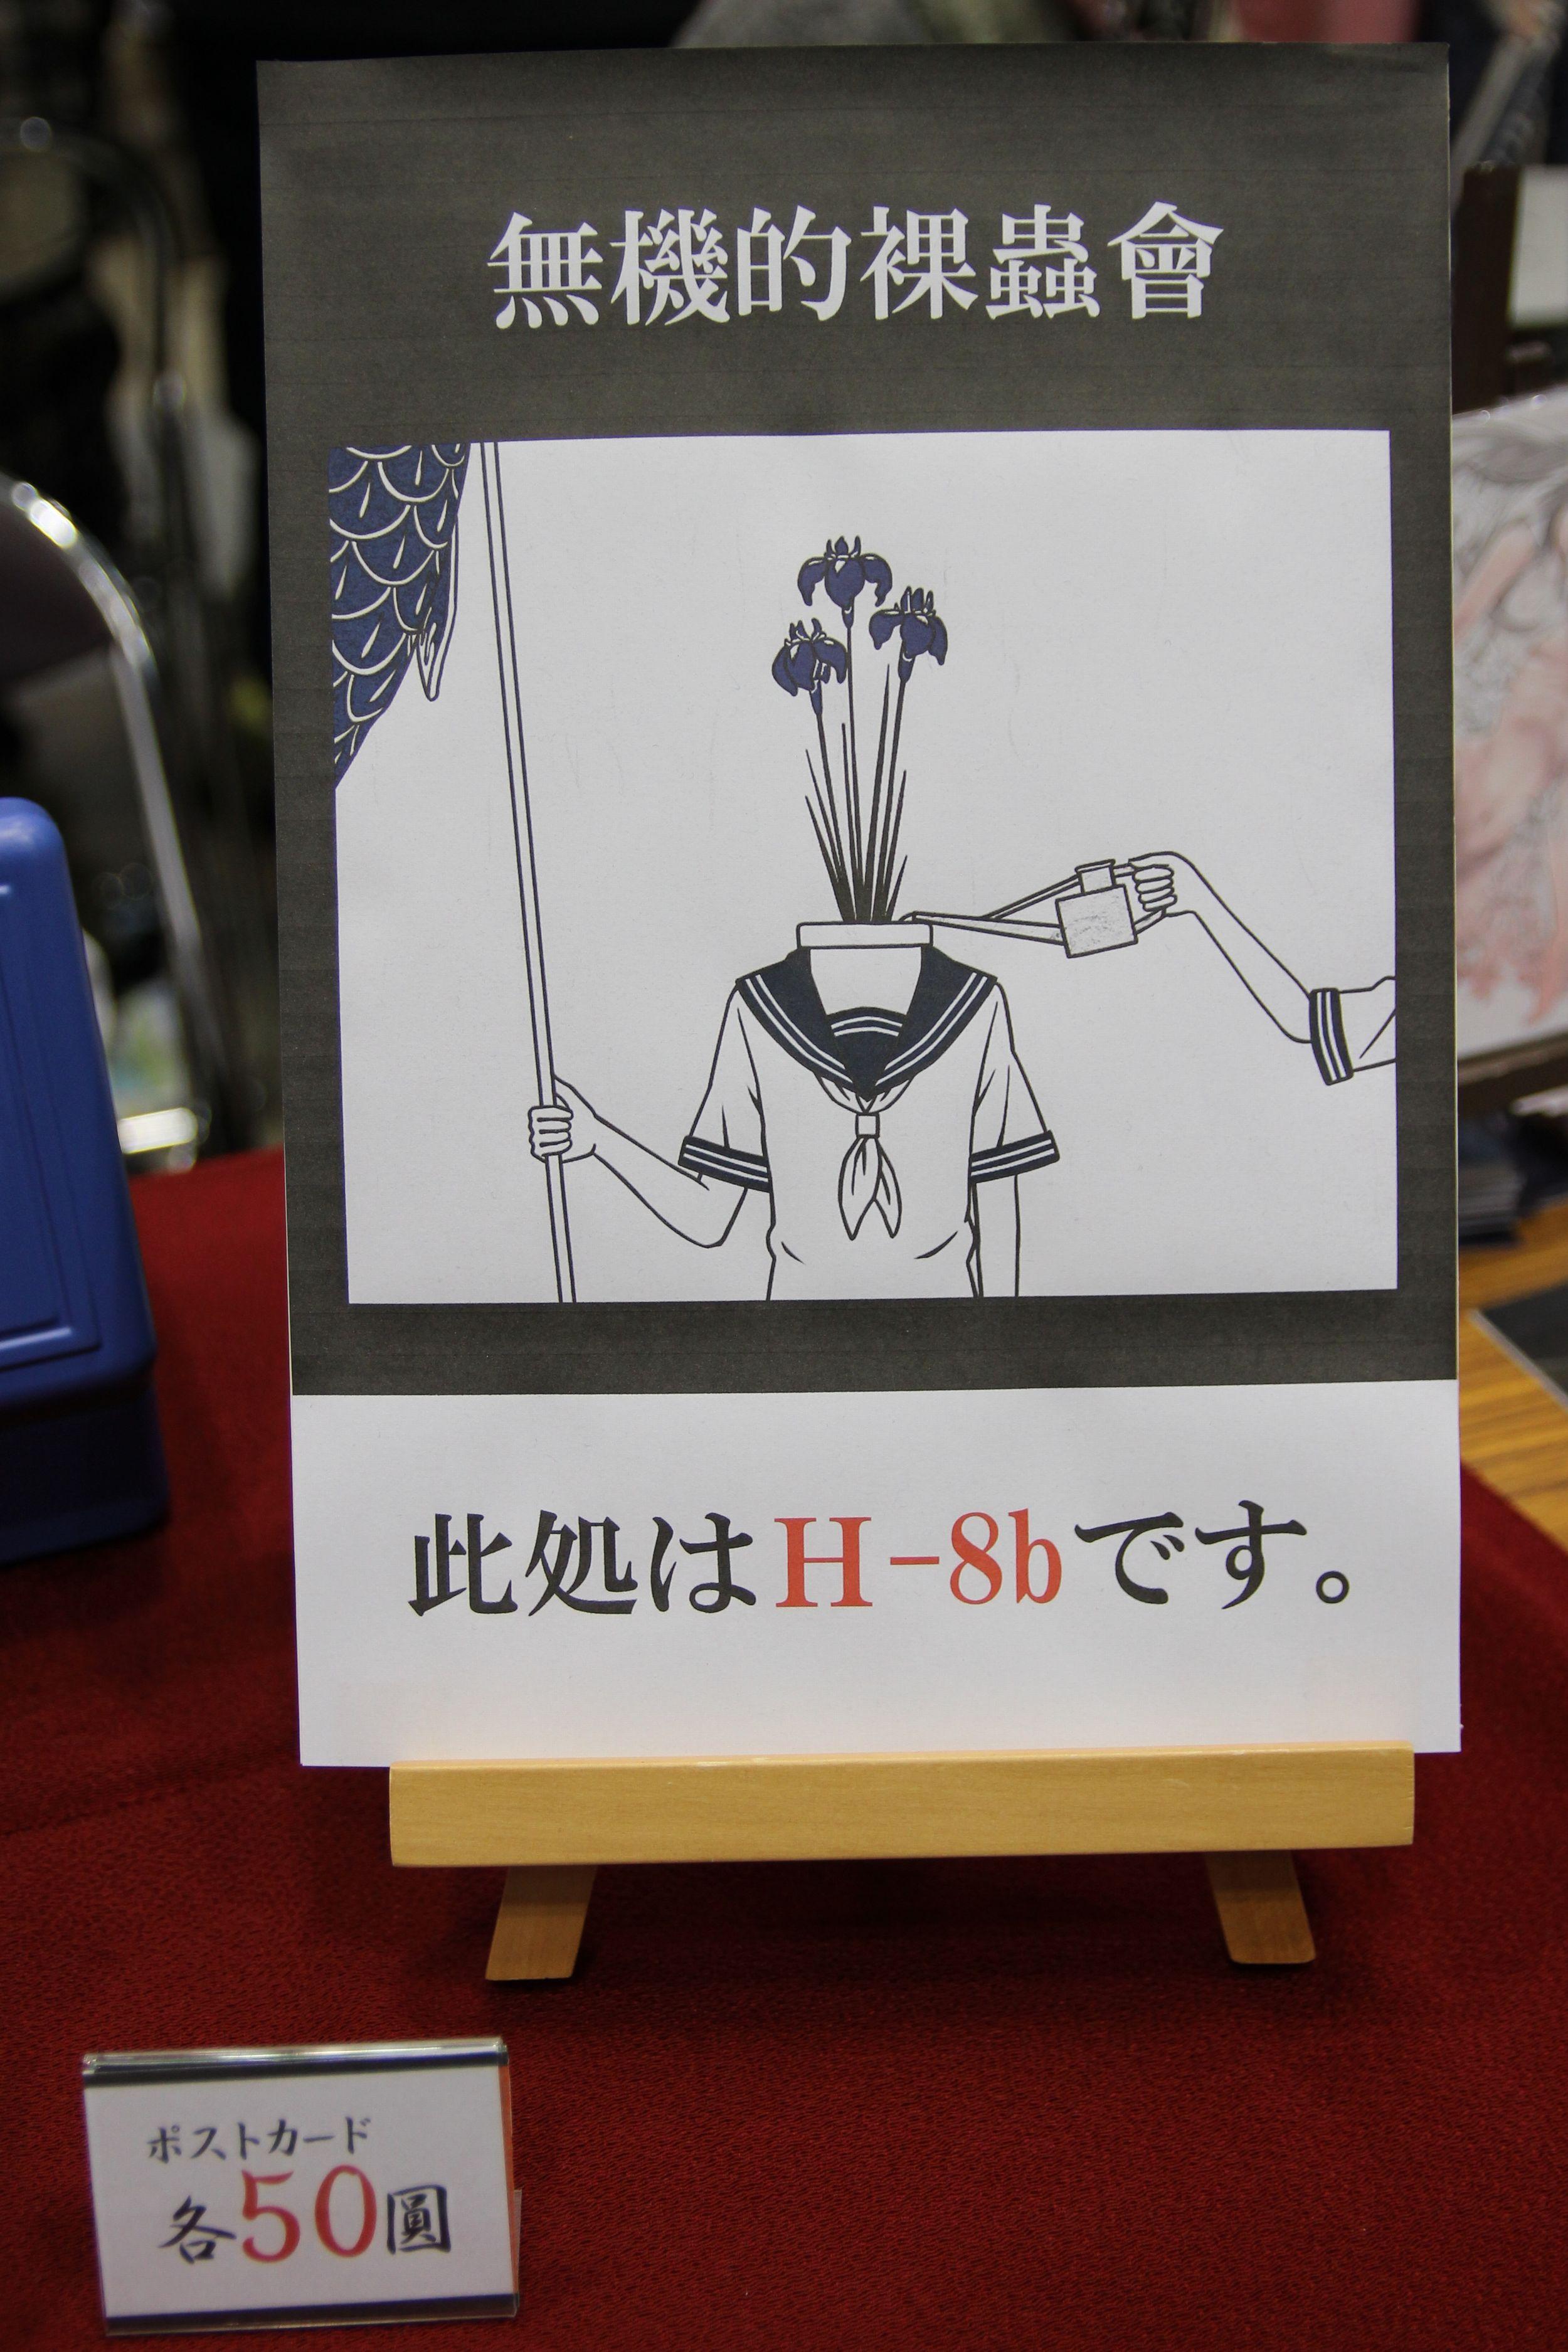 コミティア112@有明東京ビックサイト<その2>~迫力あるクリーチャーの世界~無機的裸蟲會・鉛の卵黄・猫えモン・アオガチョウ